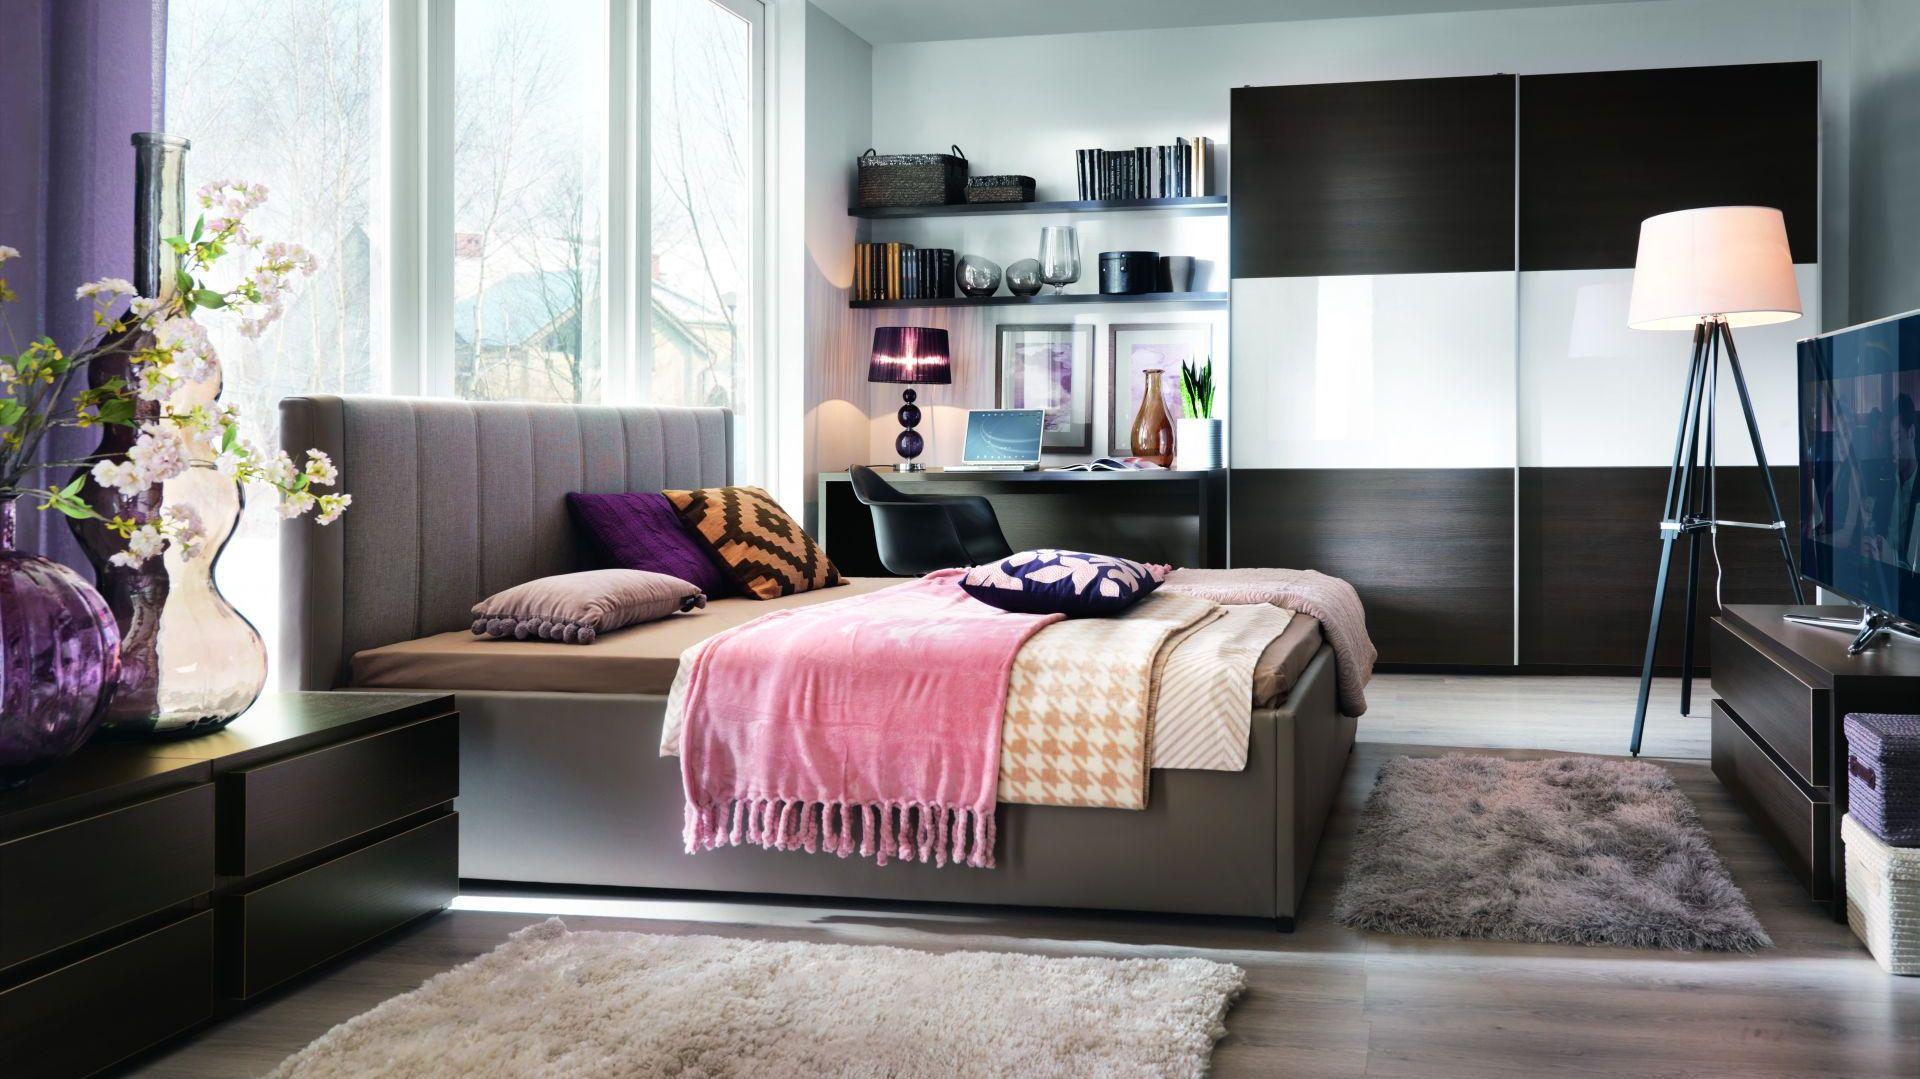 Miękki, tapicerowany zagłówek to świetne rozwiązanie dla osób lubiących czytać przed snem. Można się na nim wygodnie oprzeć. Na zdjęciu sypialnia Lorenzo. Fot. BRW.